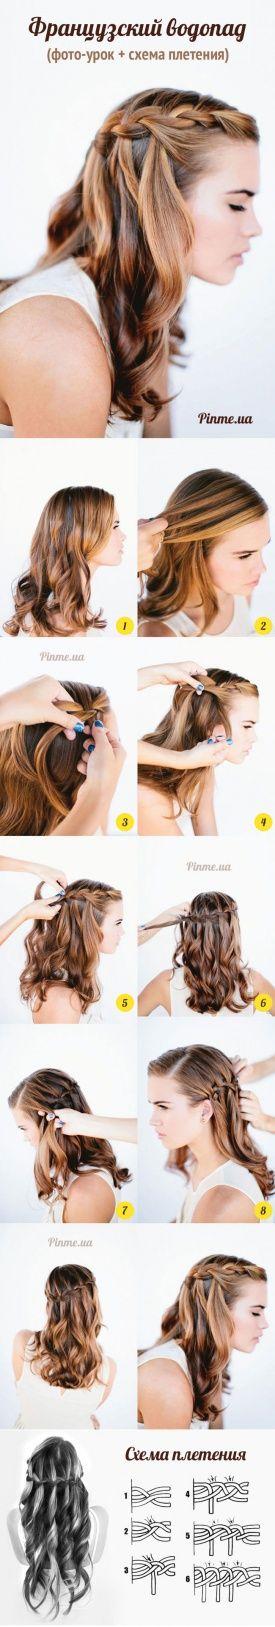 Плетение косы «Французский водопад» → Фото-видео-урок + схема плетения